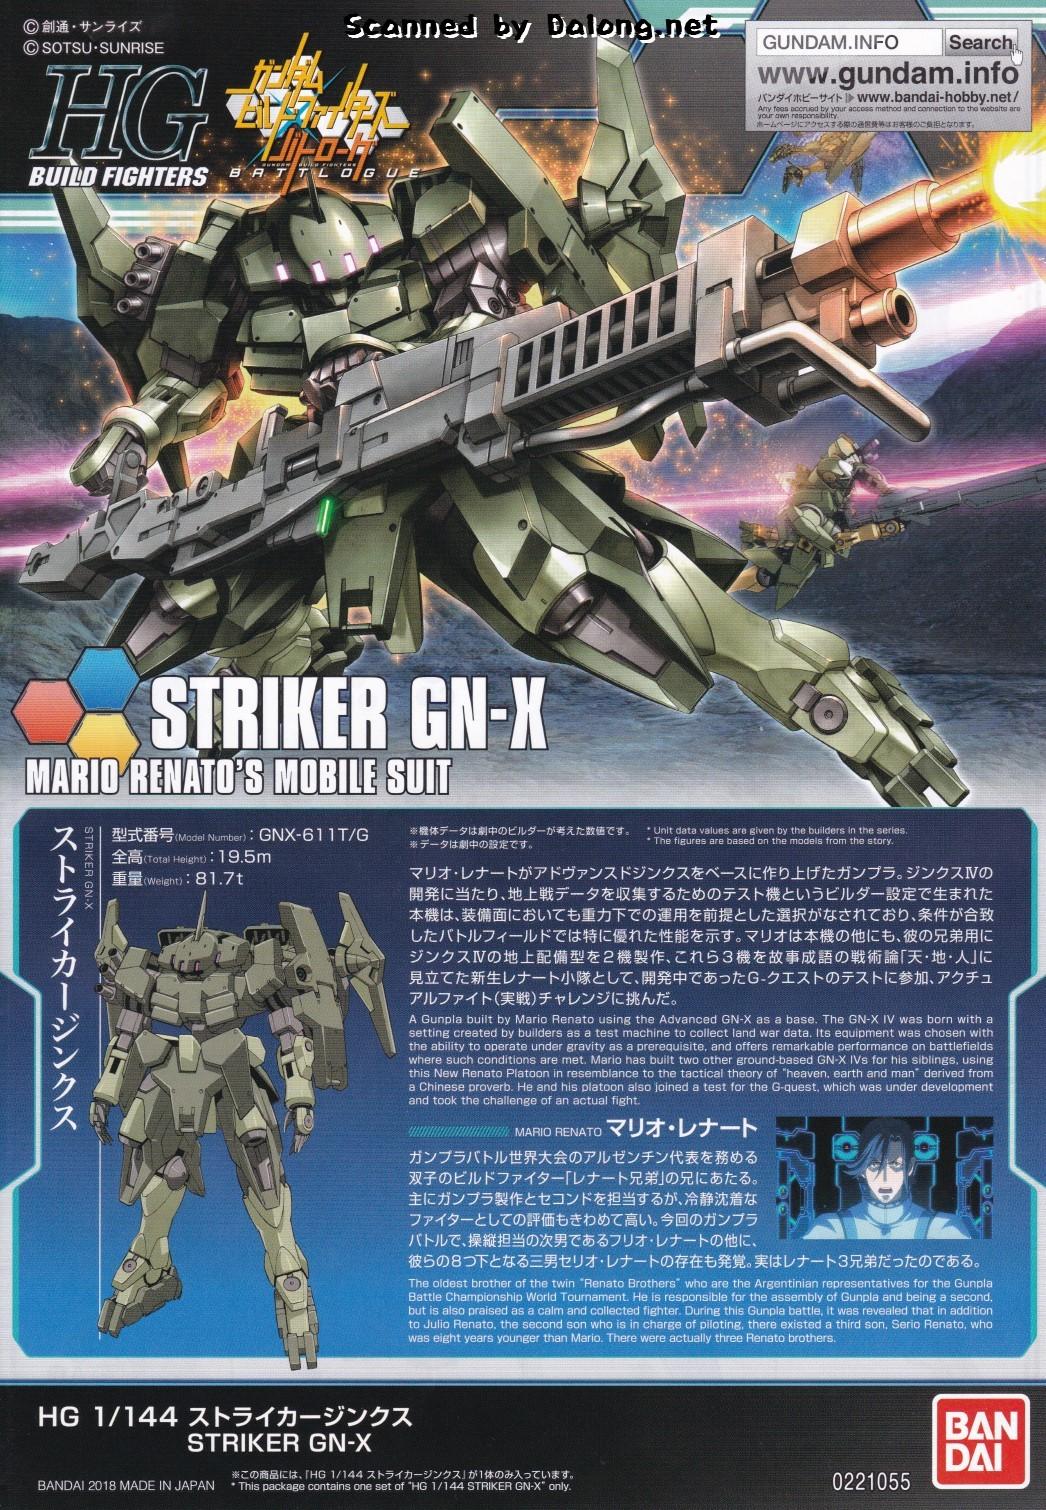 Bandai Bandai 144 Mô hình vũ khí chuyển đổi bộ phận Gundam HGBF cho đến người tạo ra kiểu tấn công GN-X - Gundam / Mech Model / Robot / Transformers